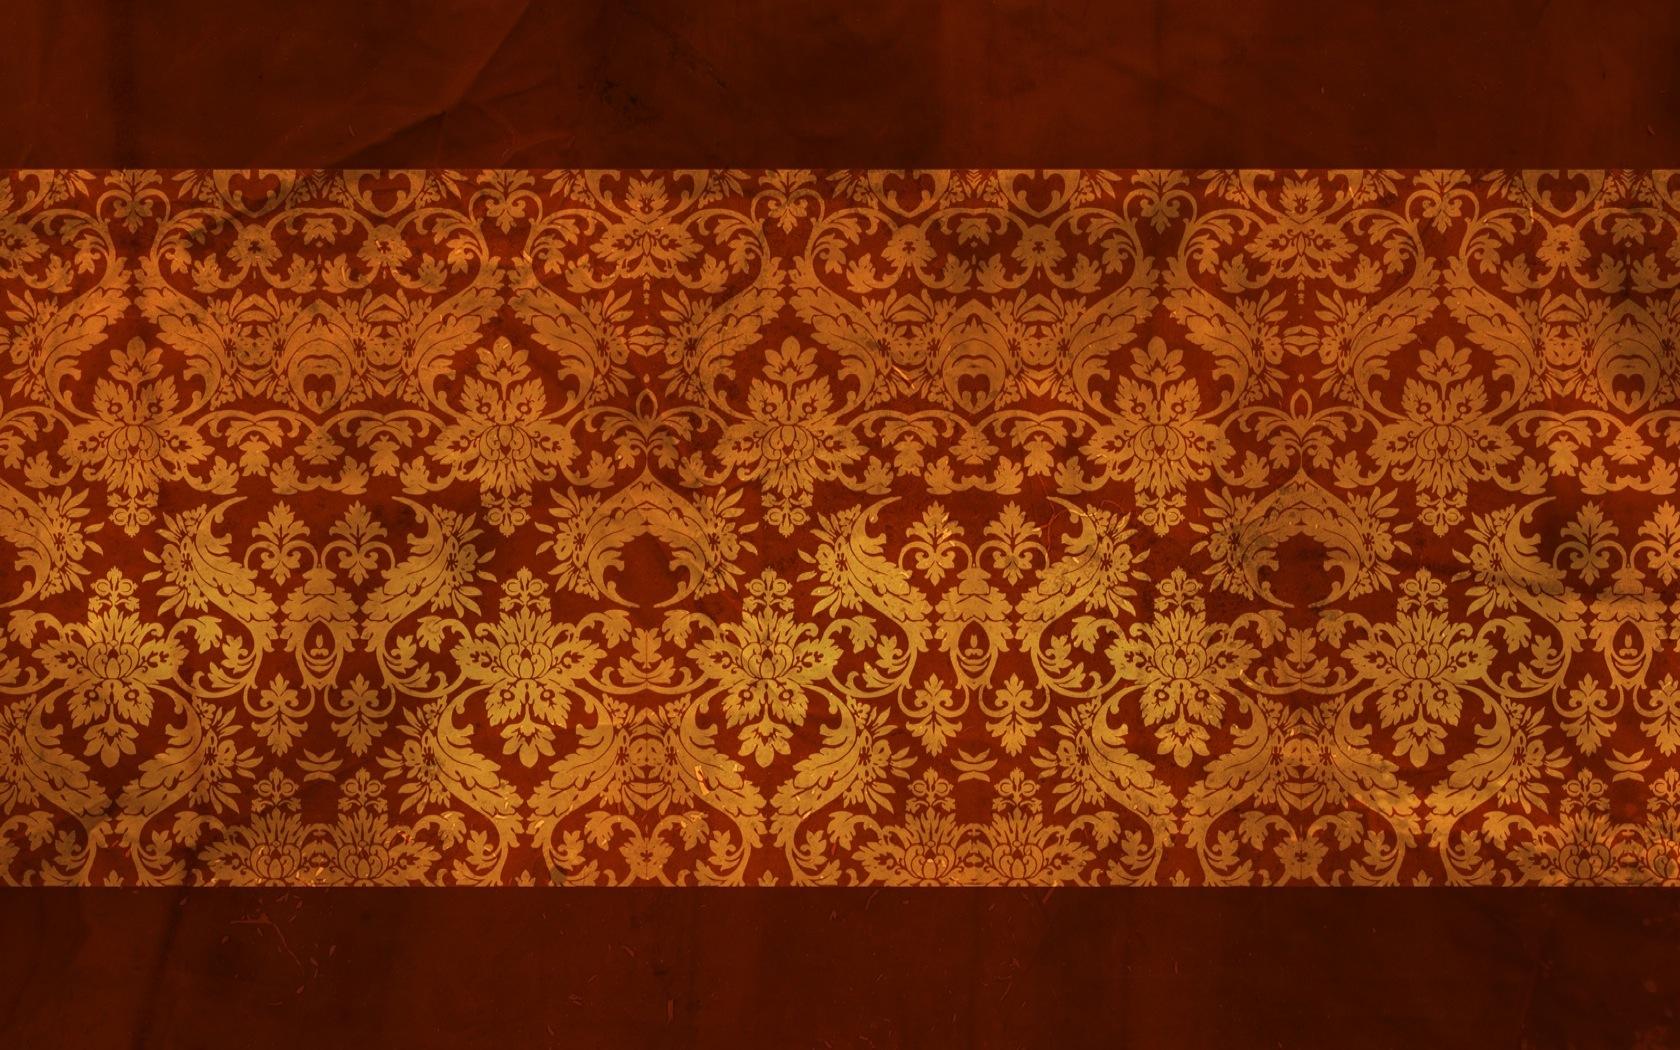 Oriental wallpaper 1680x1050 44485 for Oriental wallpaper